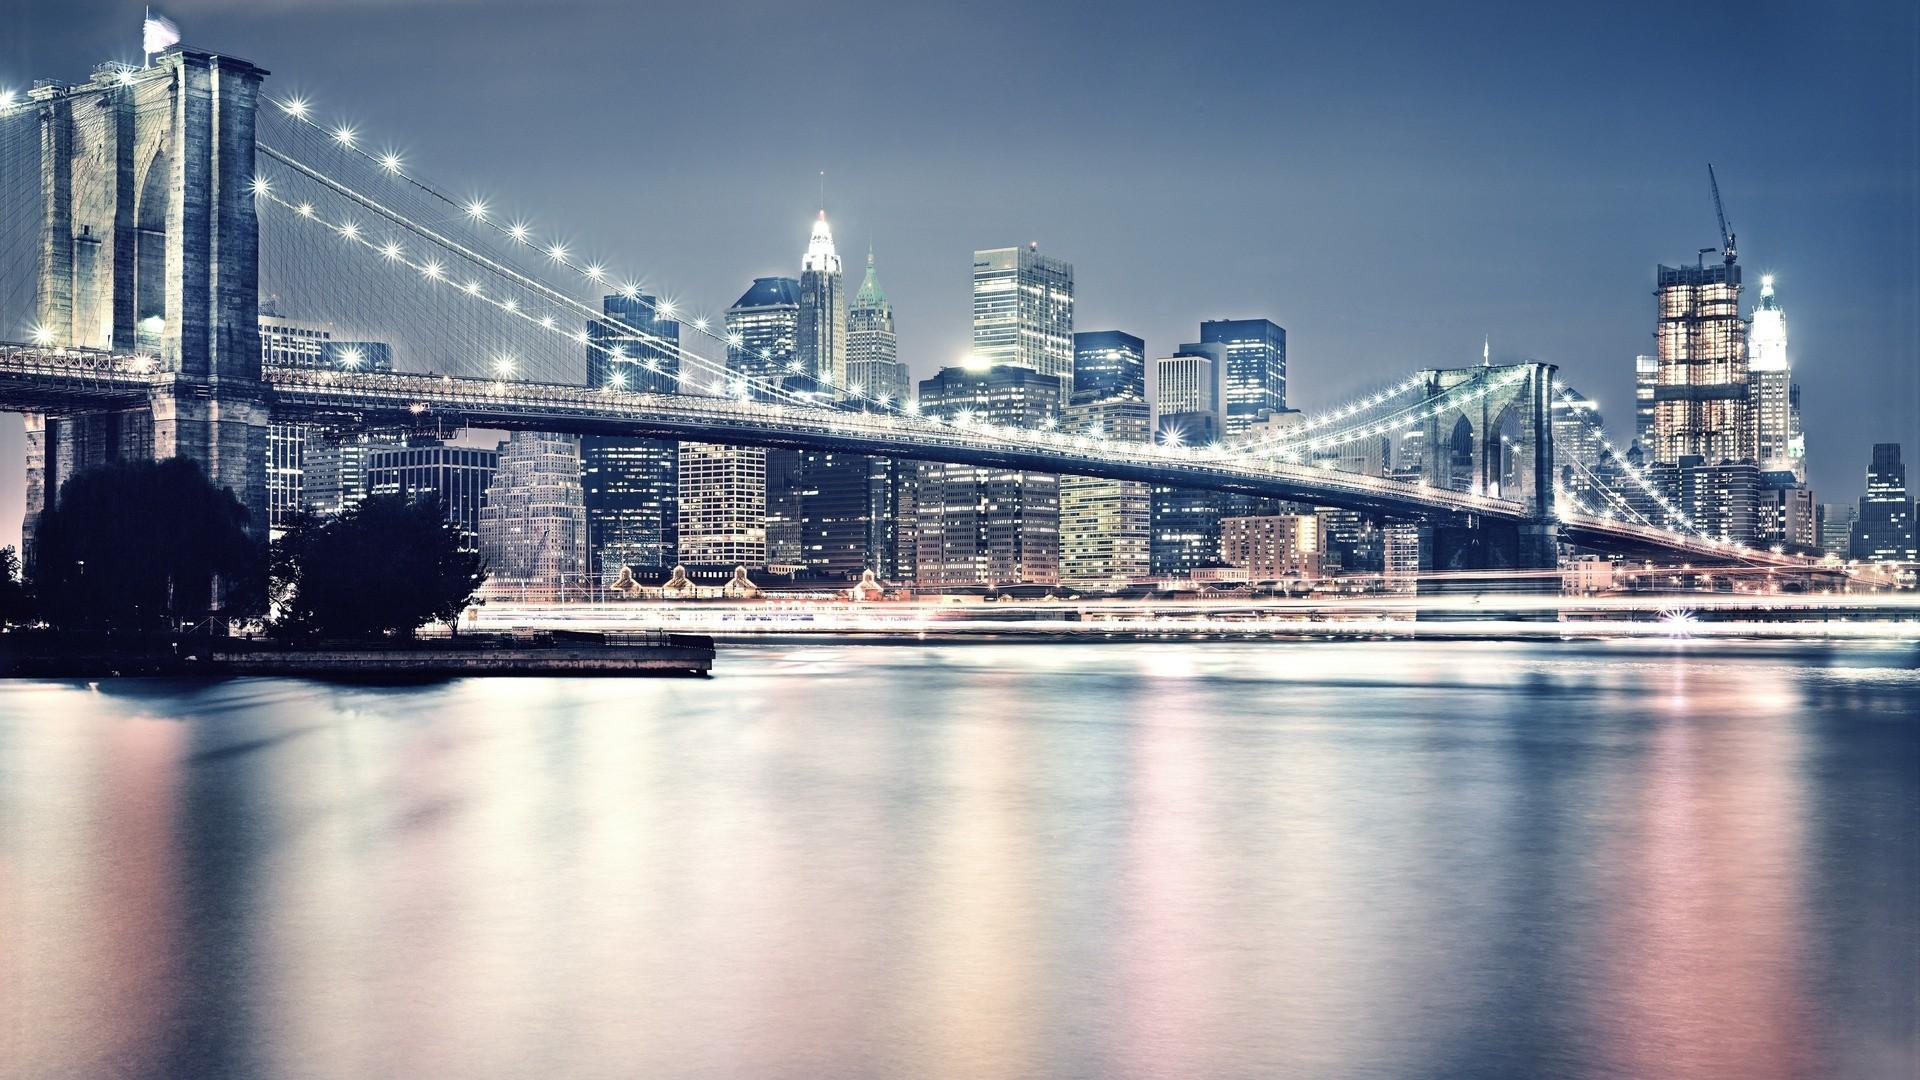 картинки высокого качества для фотопечати город что